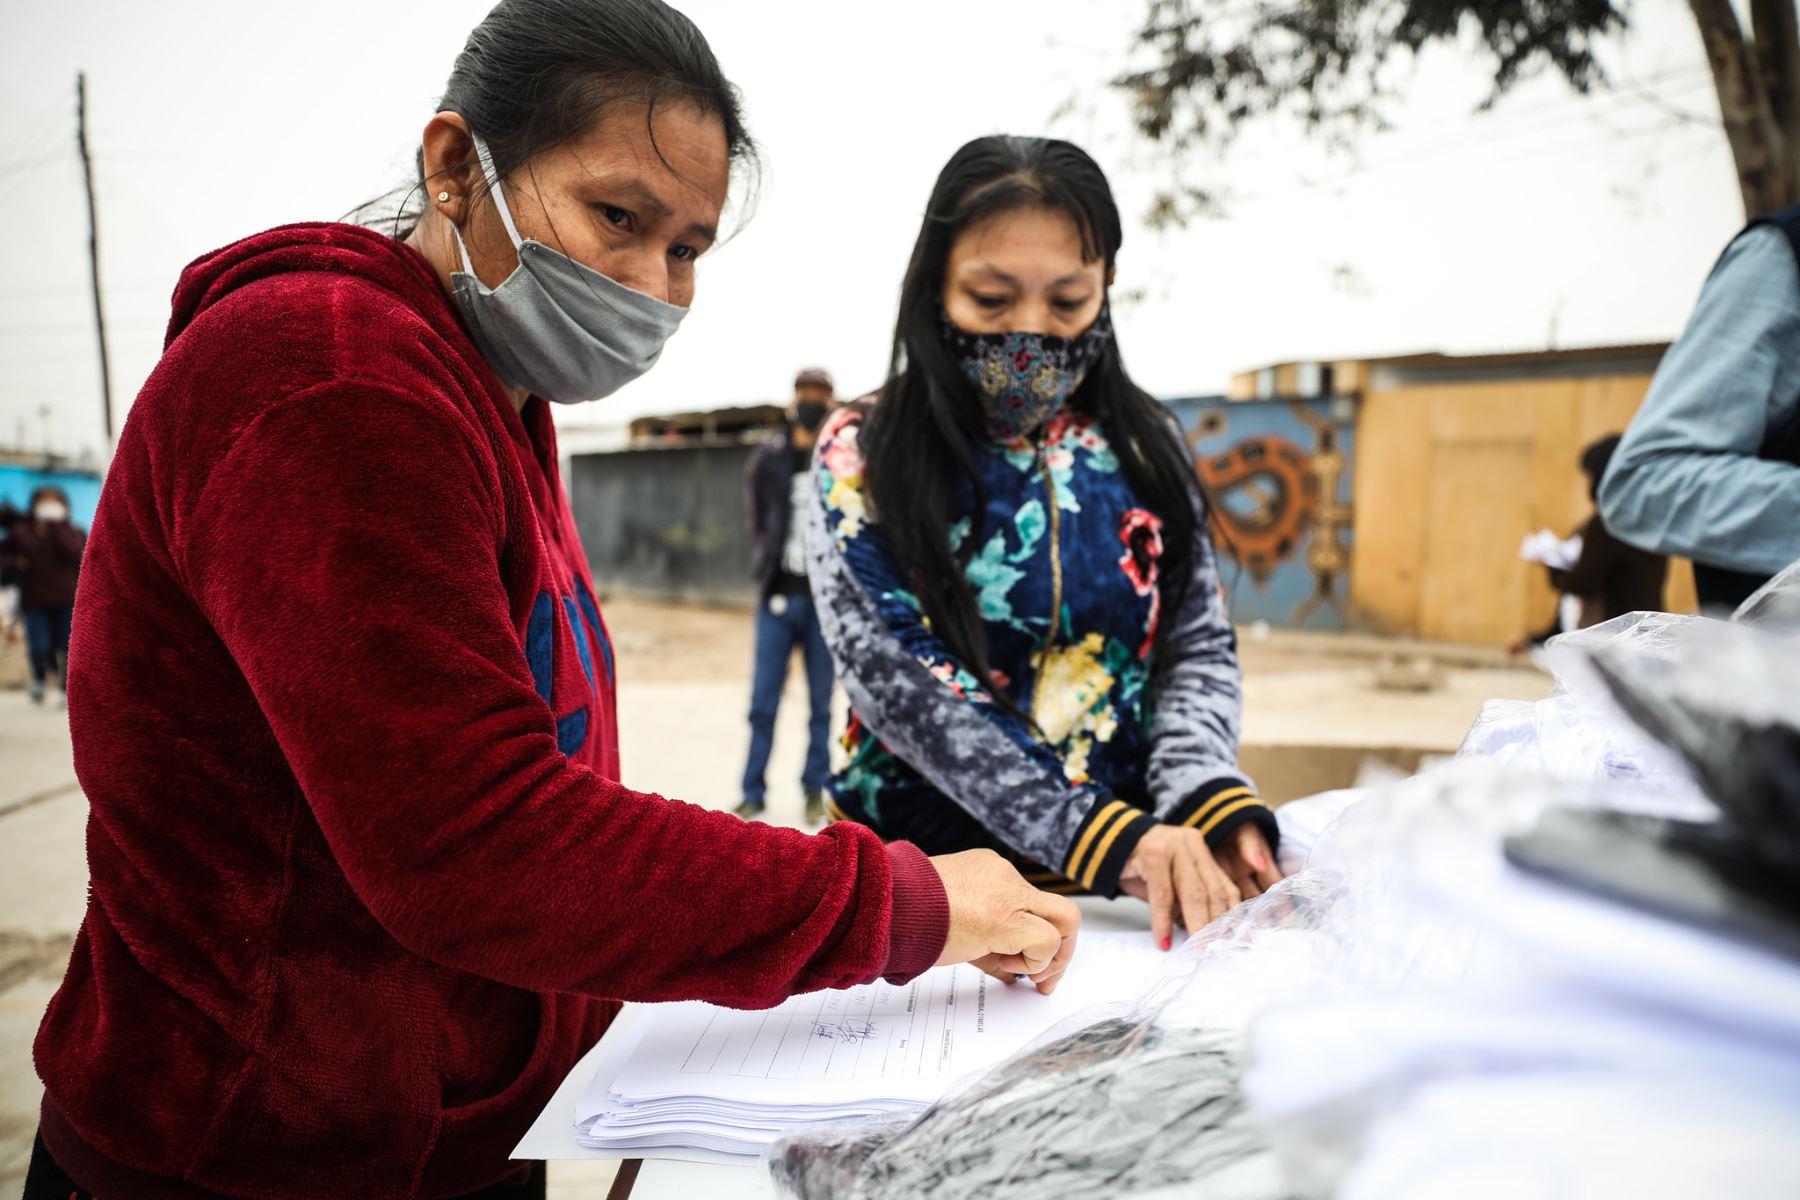 Municipalidad de Lima entrega 3,000 mascarillas a comunidad shipibo-konibo de Cantagallo | Noticias